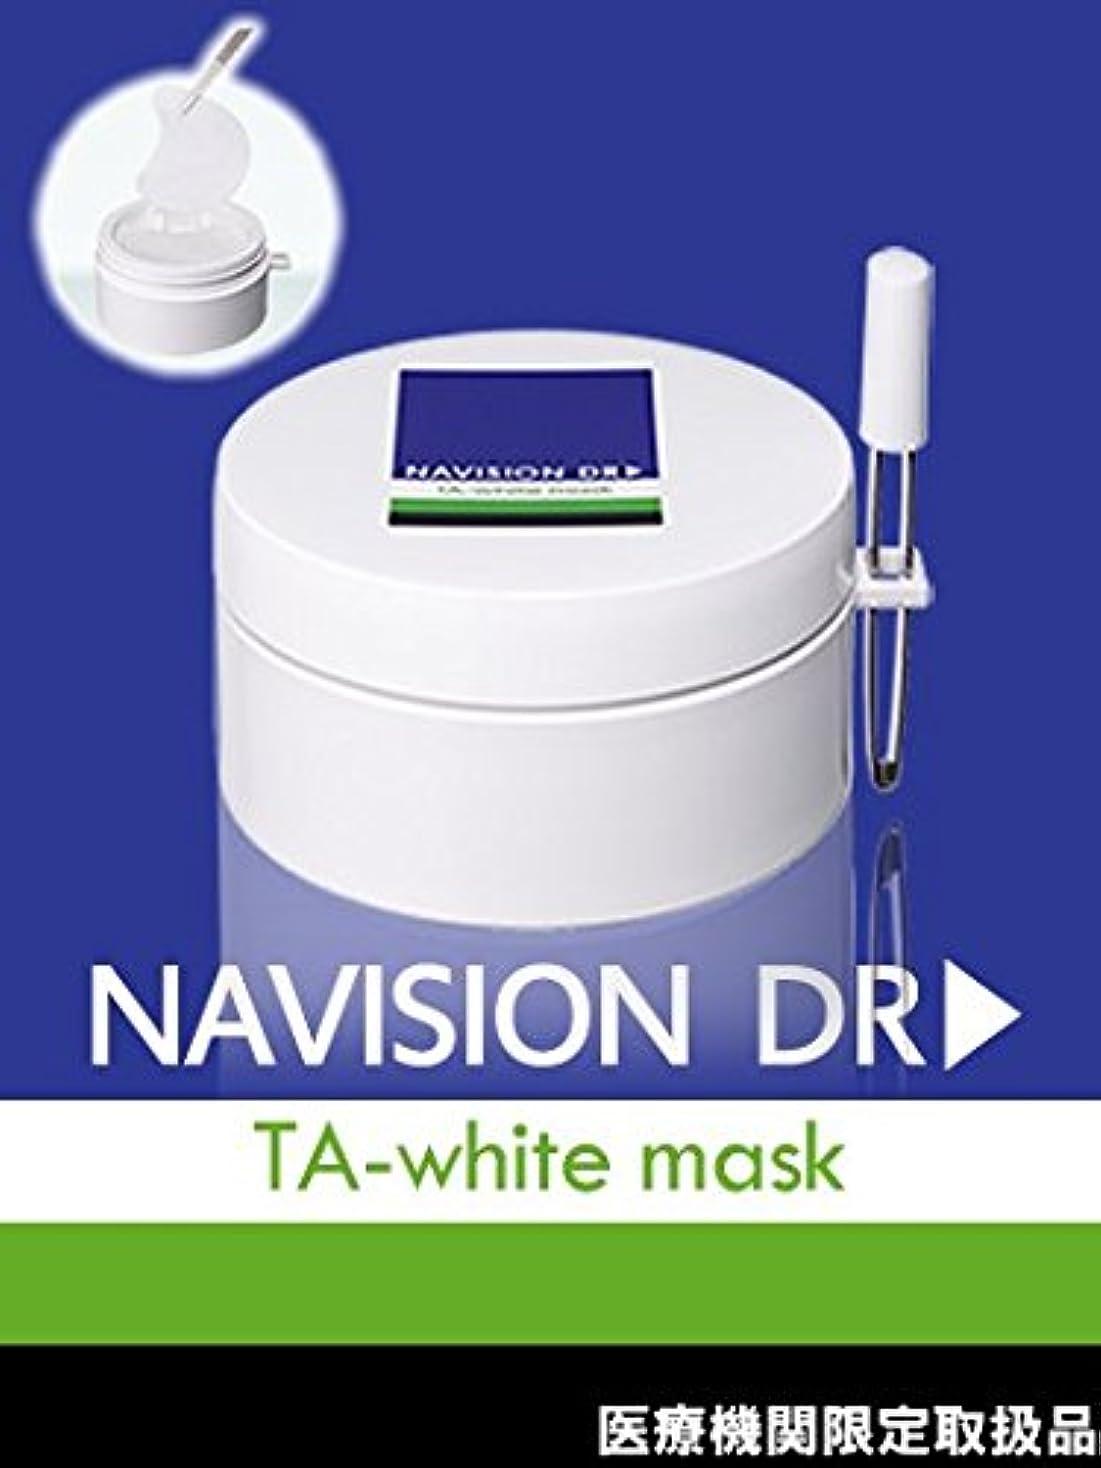 ペース心理的に金属NAVISION DR? ナビジョンDR TAホワイトマスク(部分用)(医薬部外品) 67mL 60枚入【医療機関限定取扱品】